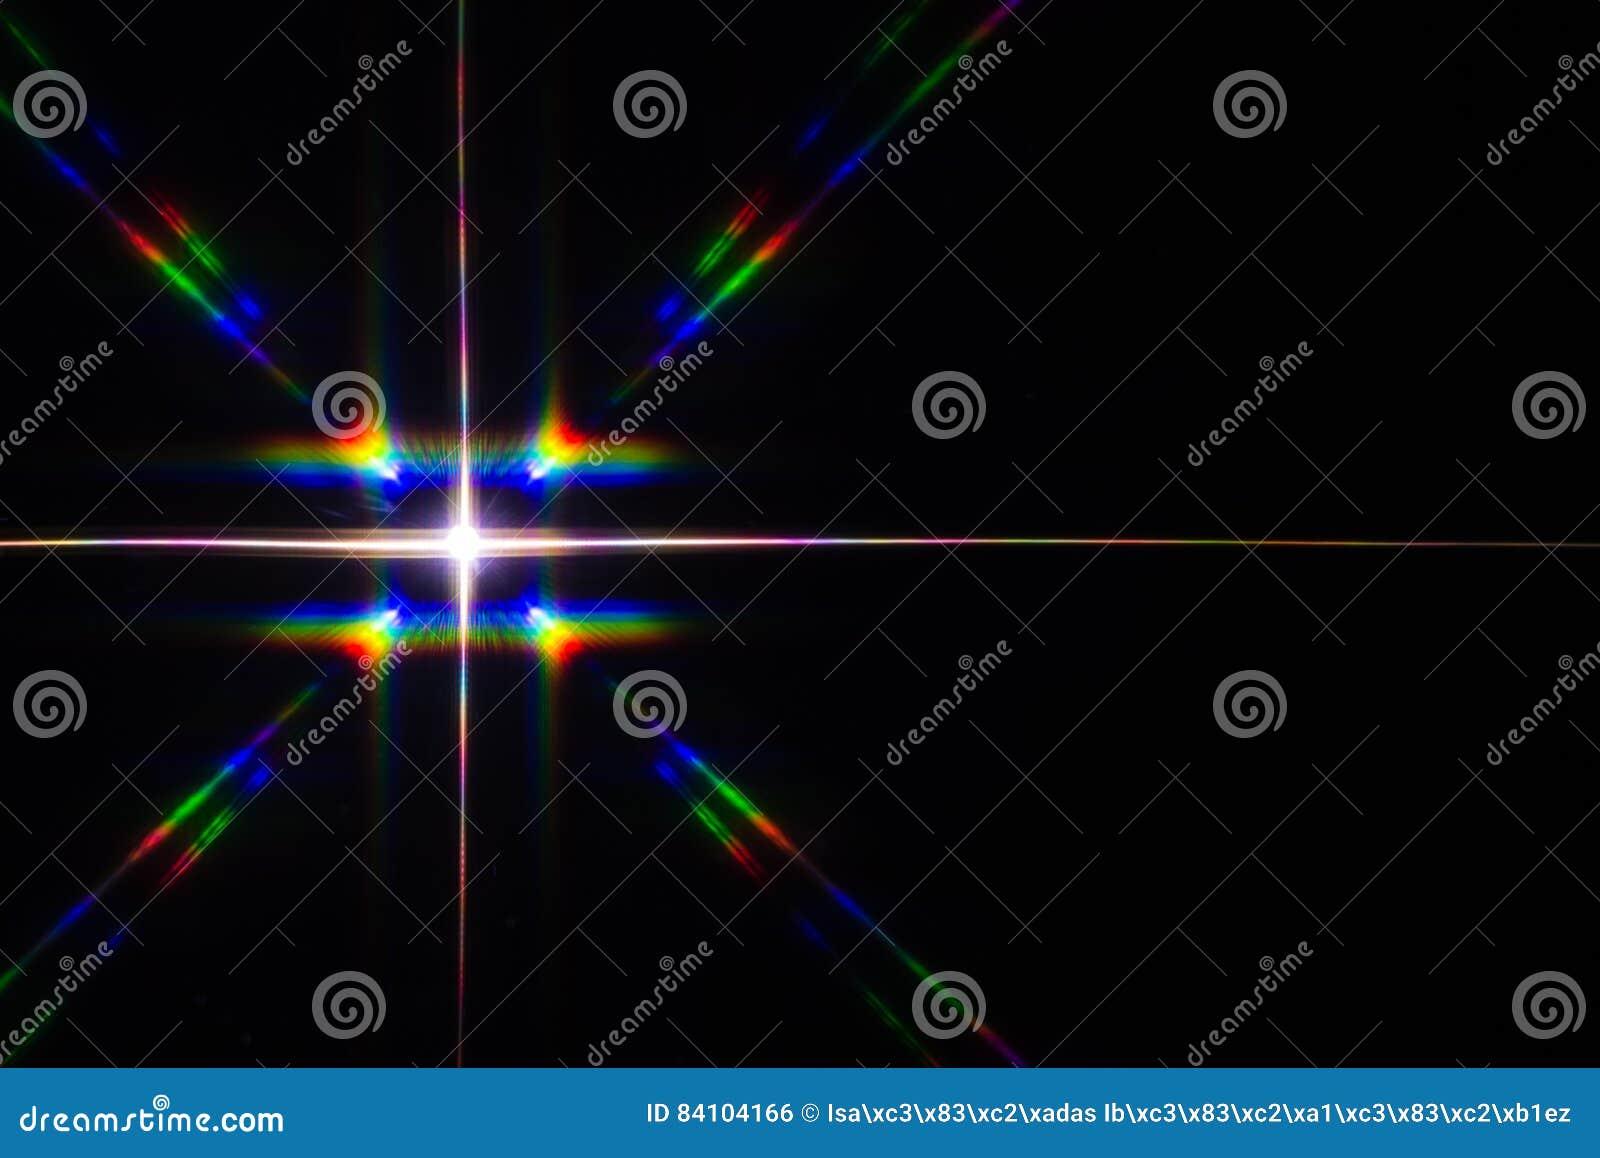 Luminous spectrum